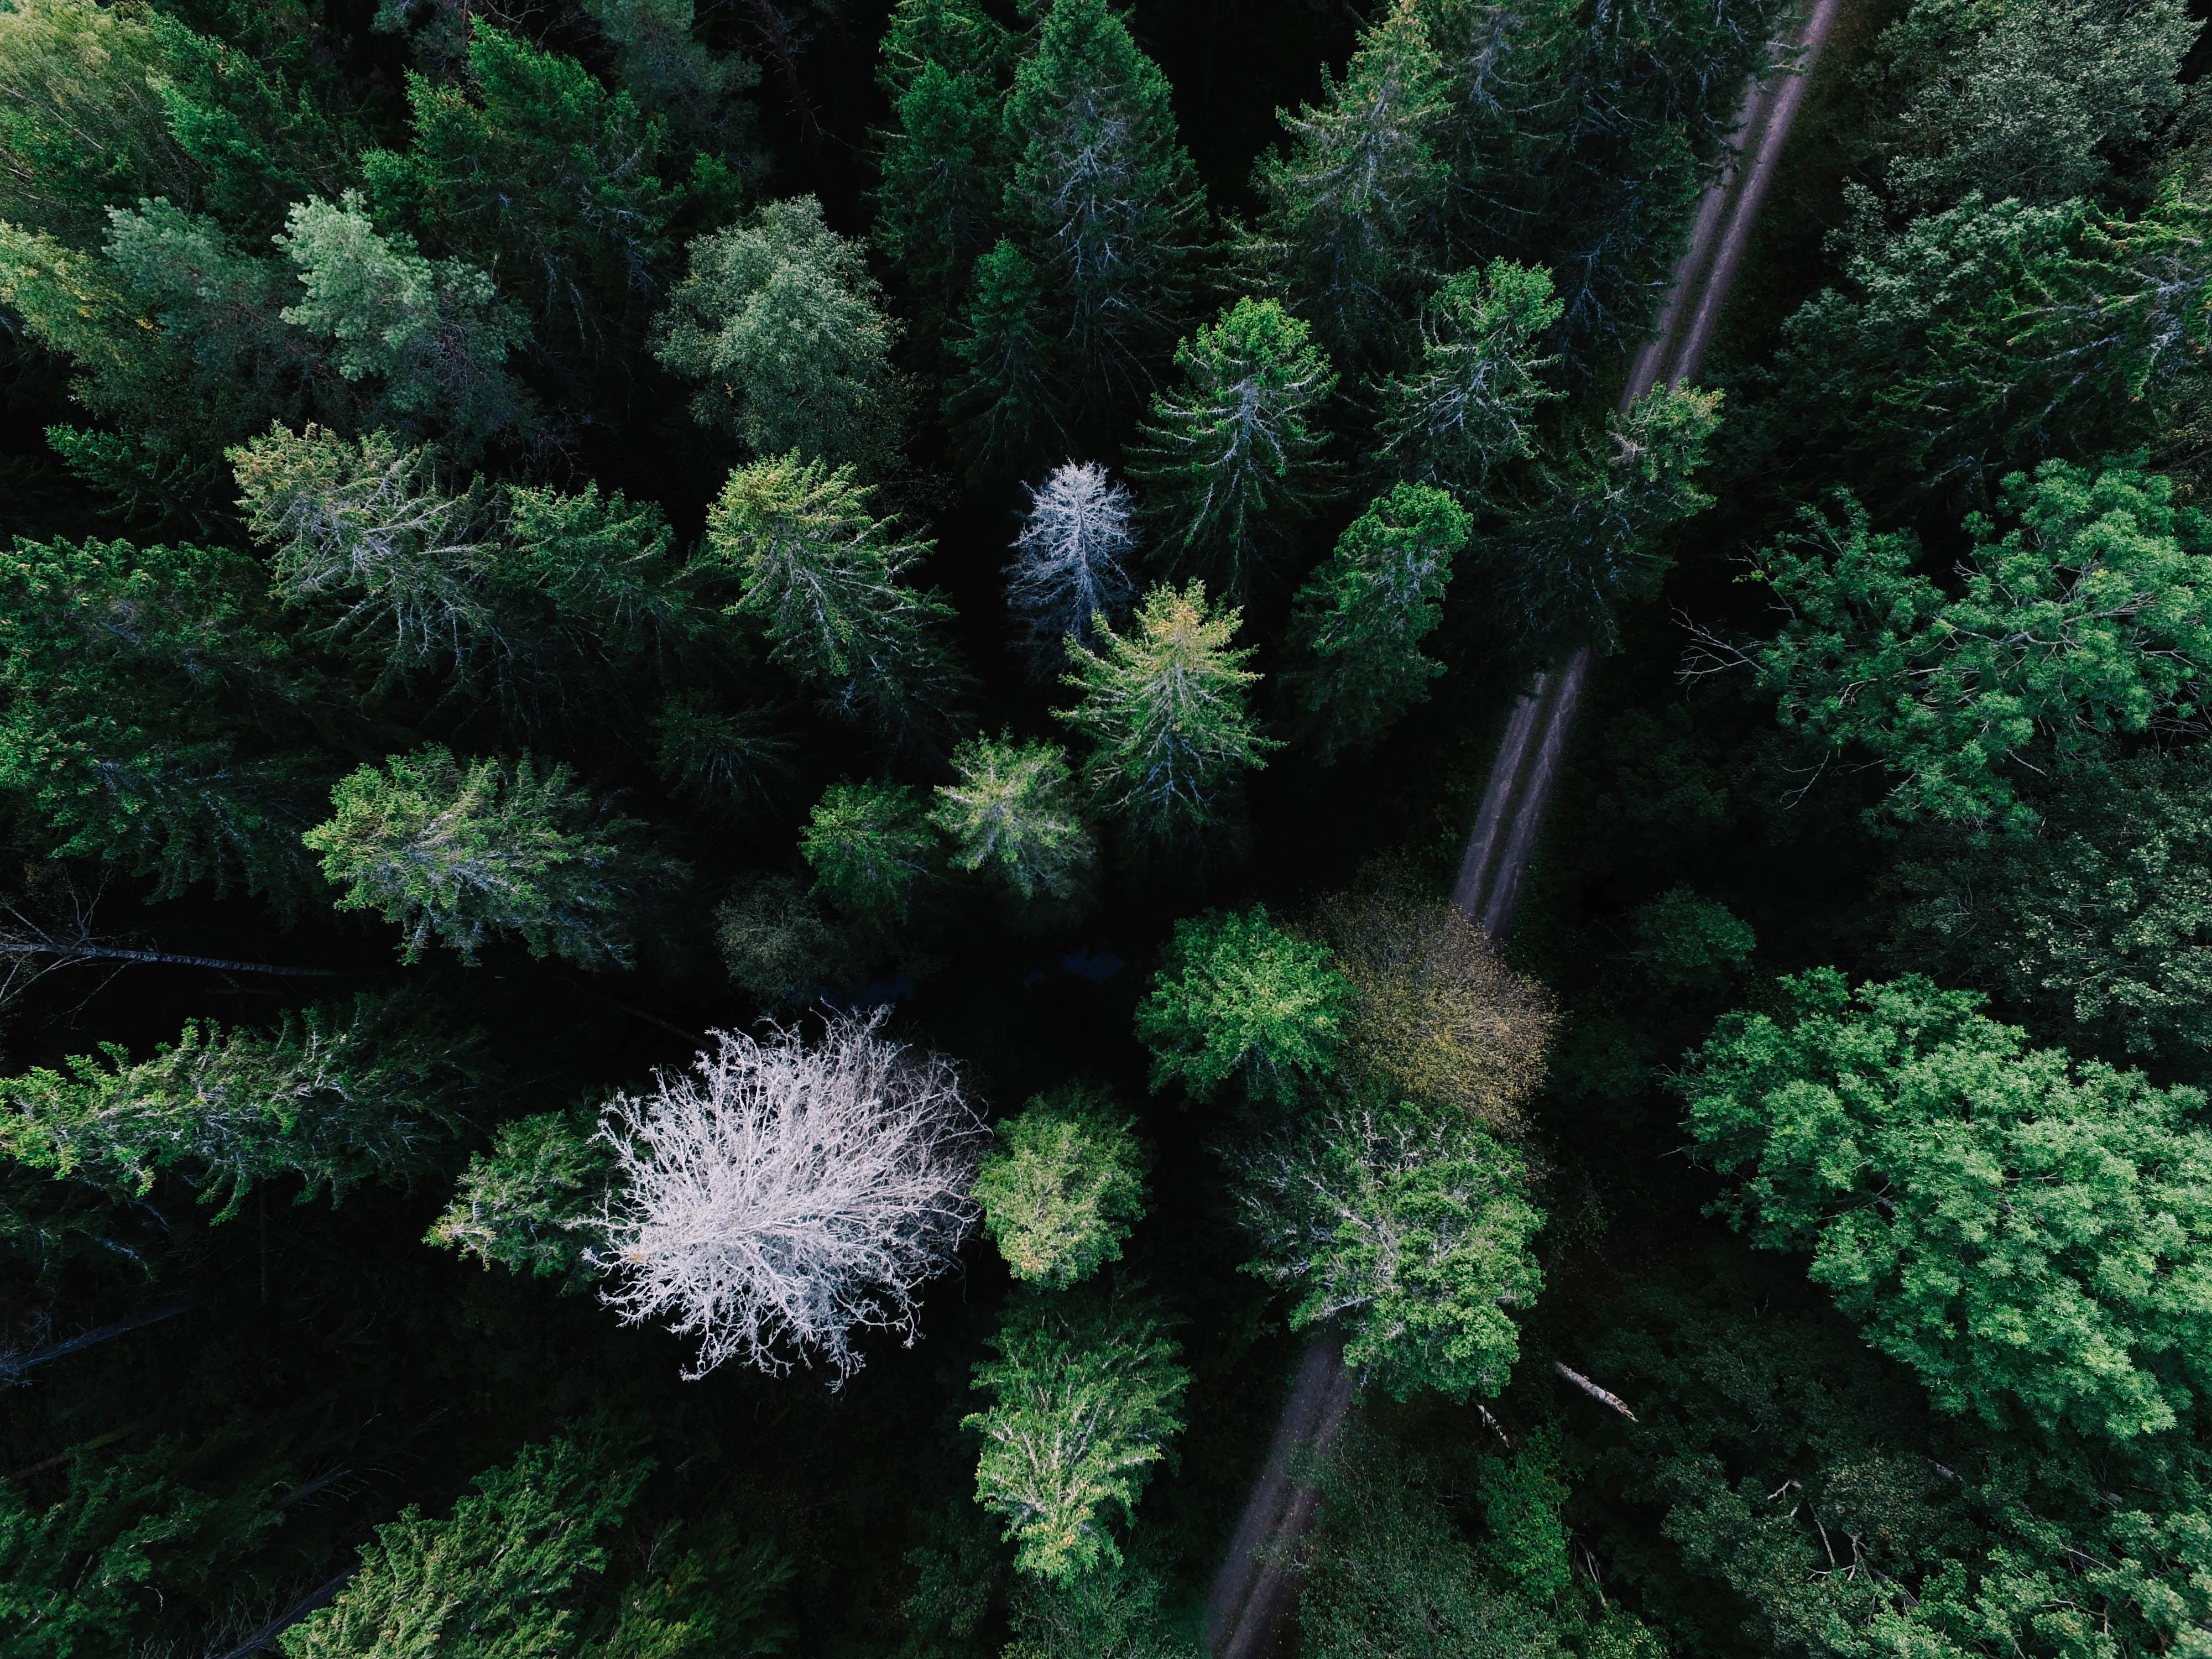 green pane trees